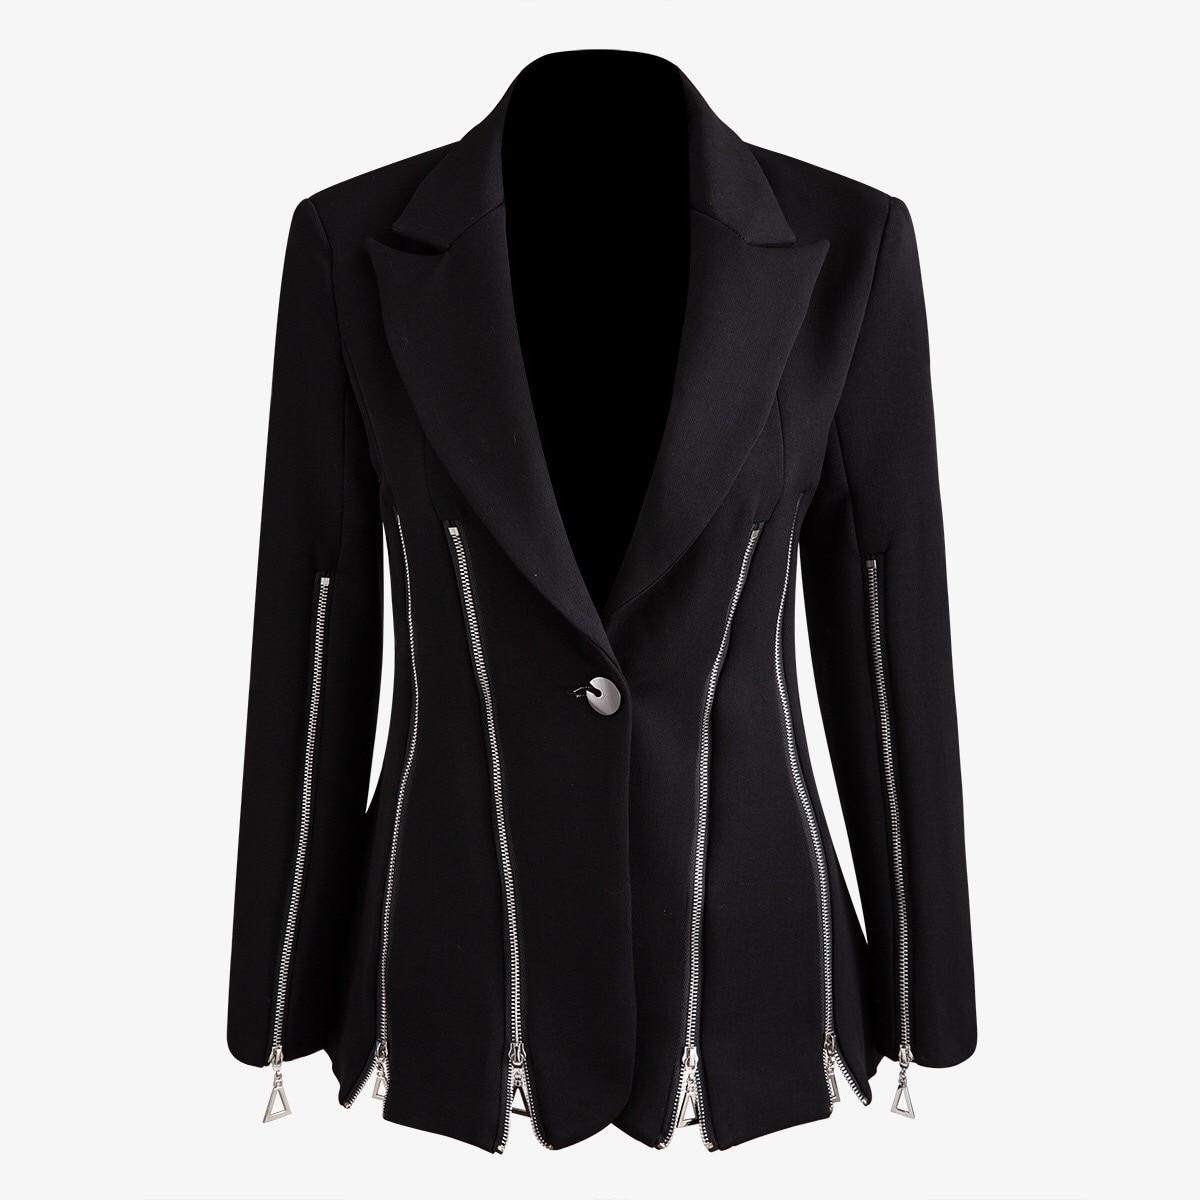 Multi Zipper Heavy Industry Women Black Blazer Notched Collar Long Sleeve Slim OL Style Female Blazers